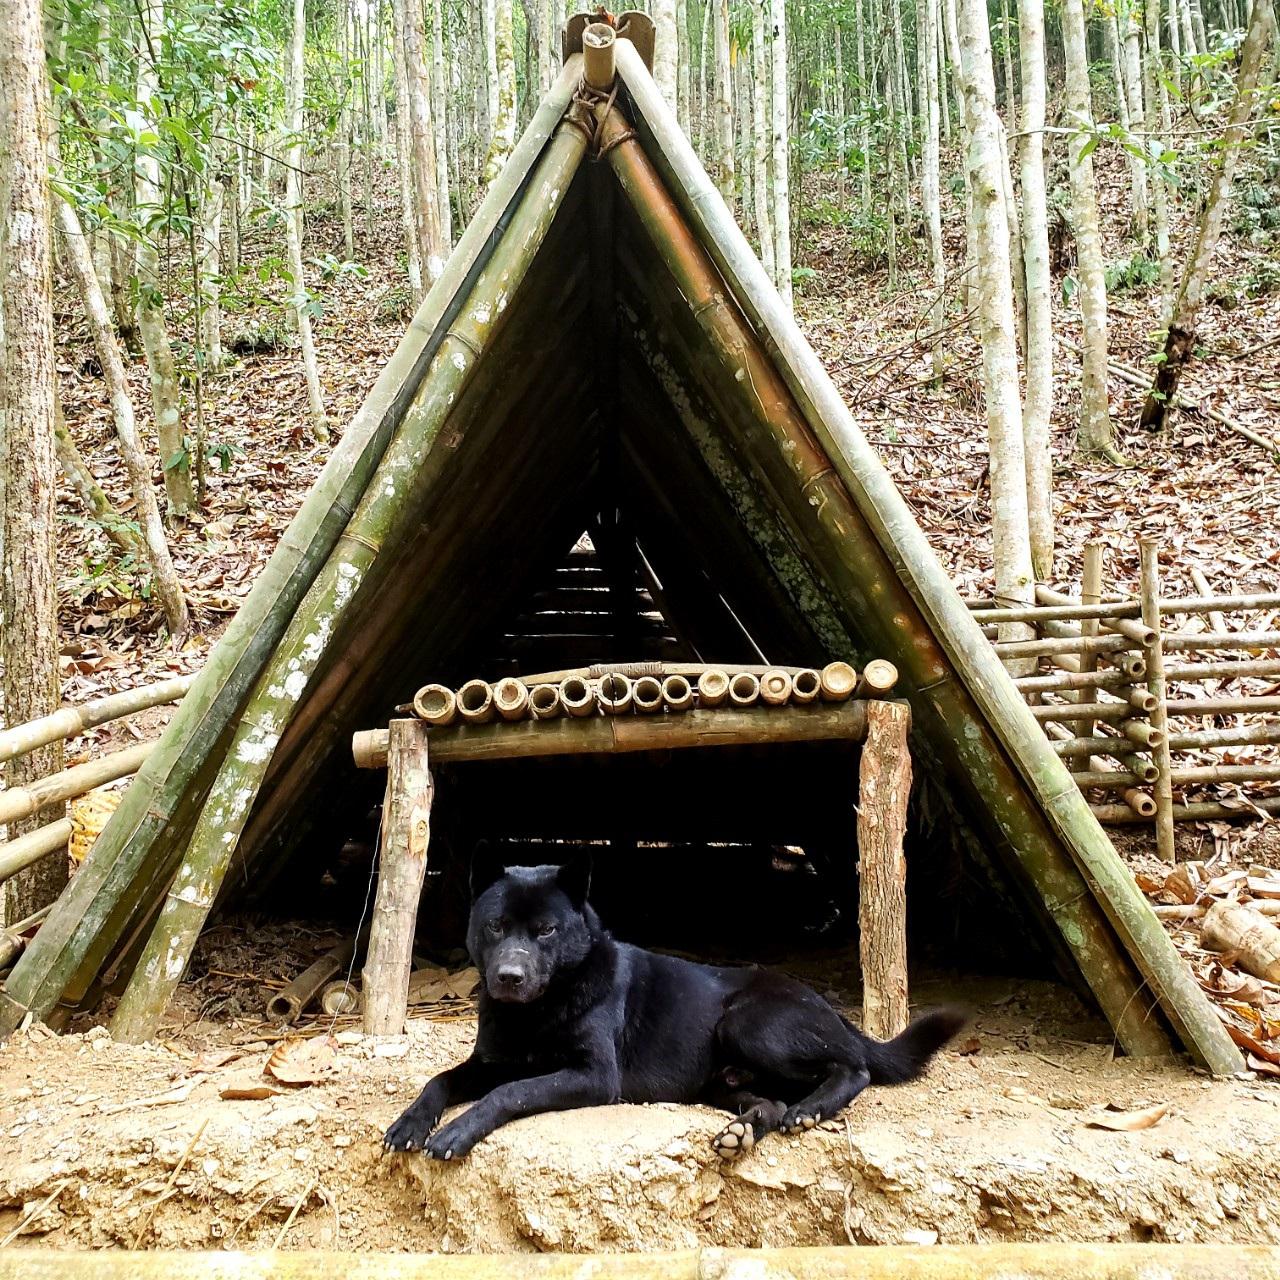 Chàng trai bỏ phố lên rừng: Nướng cá trên đá, luộc trứng trong ống nứa - 6